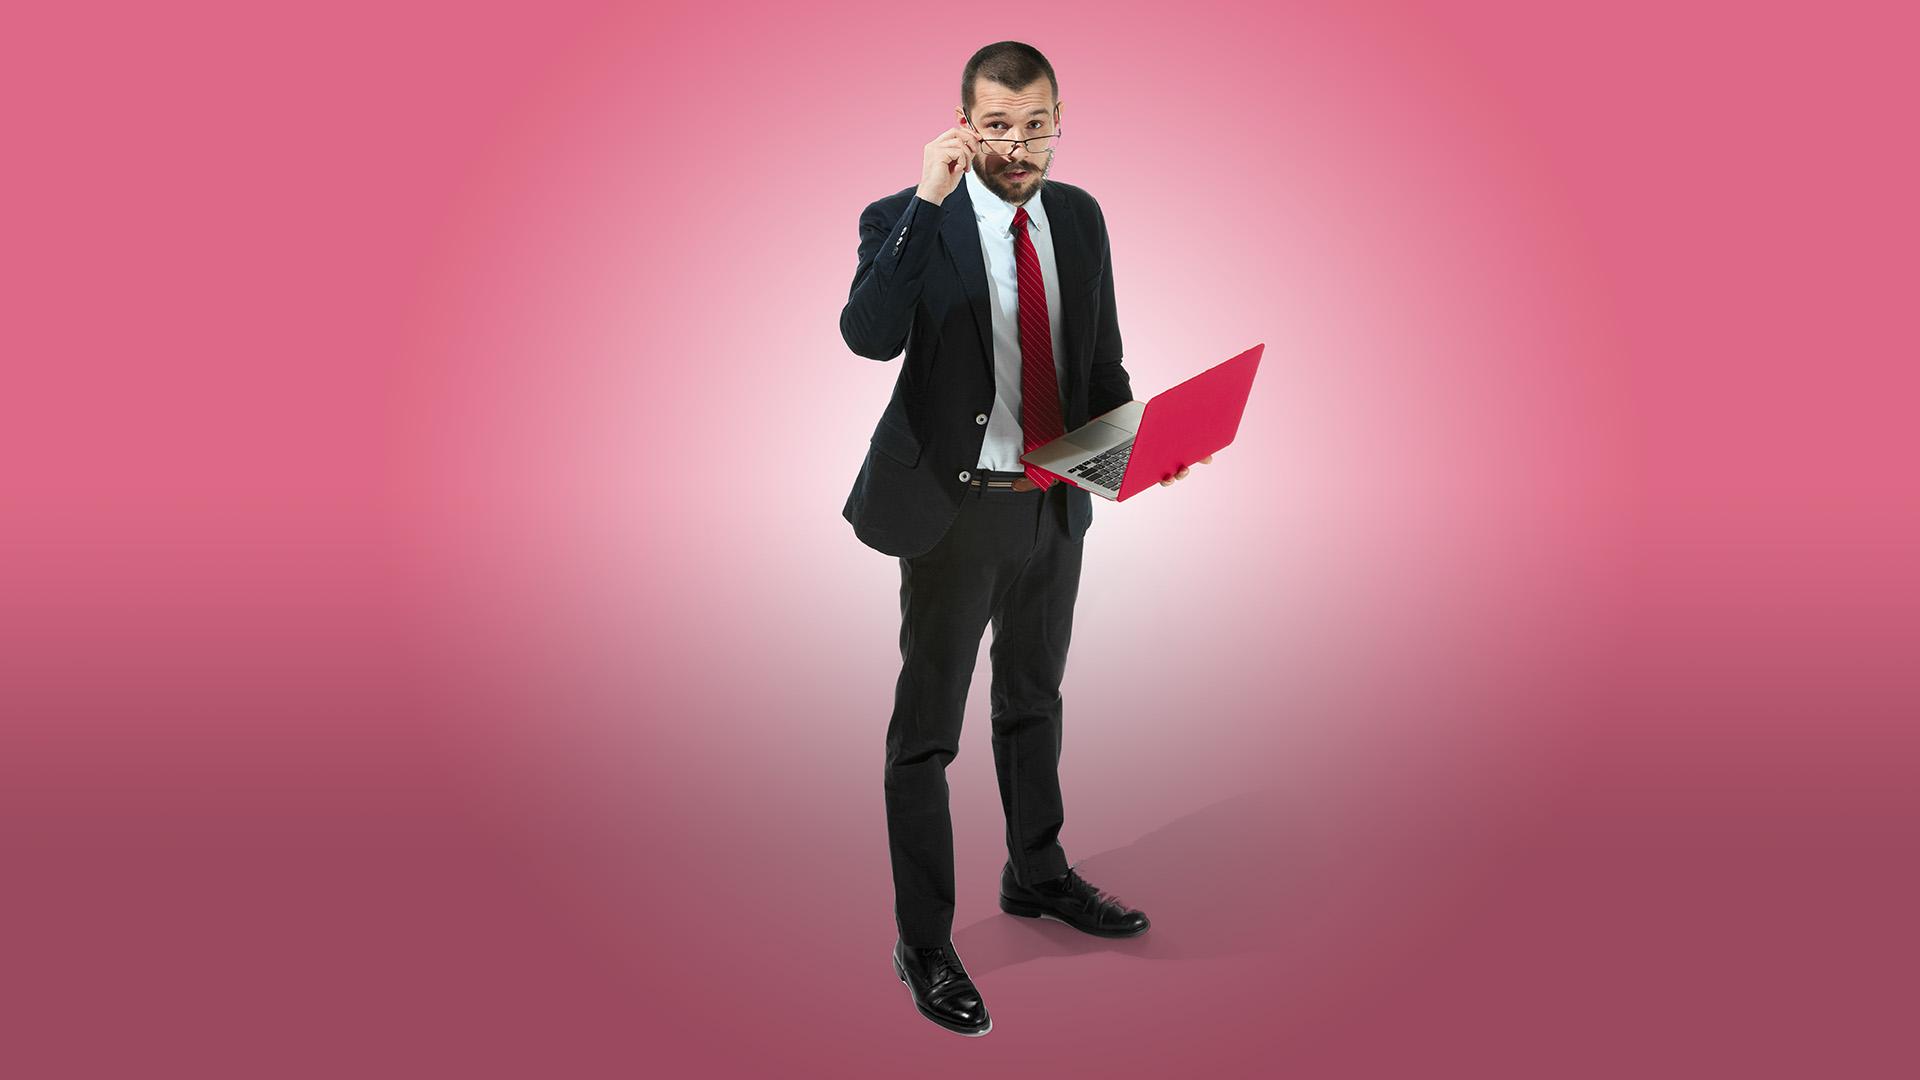 Potenciālā debitora (klienta) kredītspējas analīze